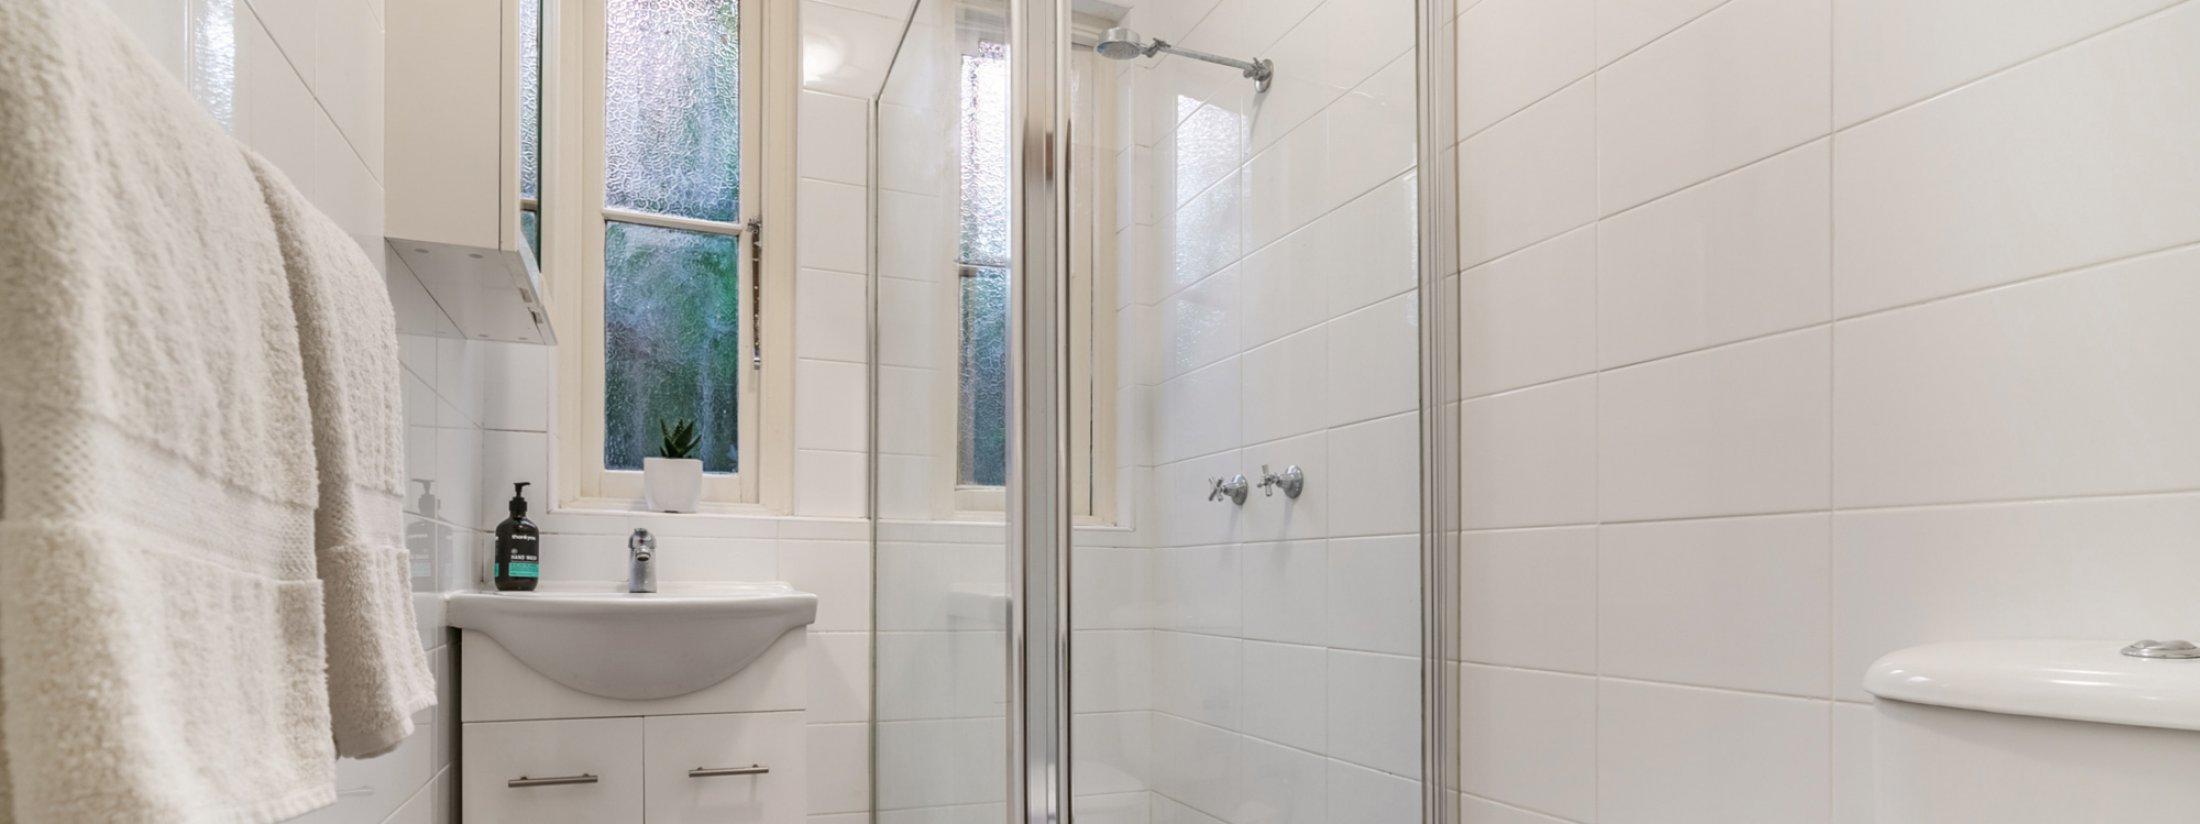 Bondi Beach Peach - Bathroom